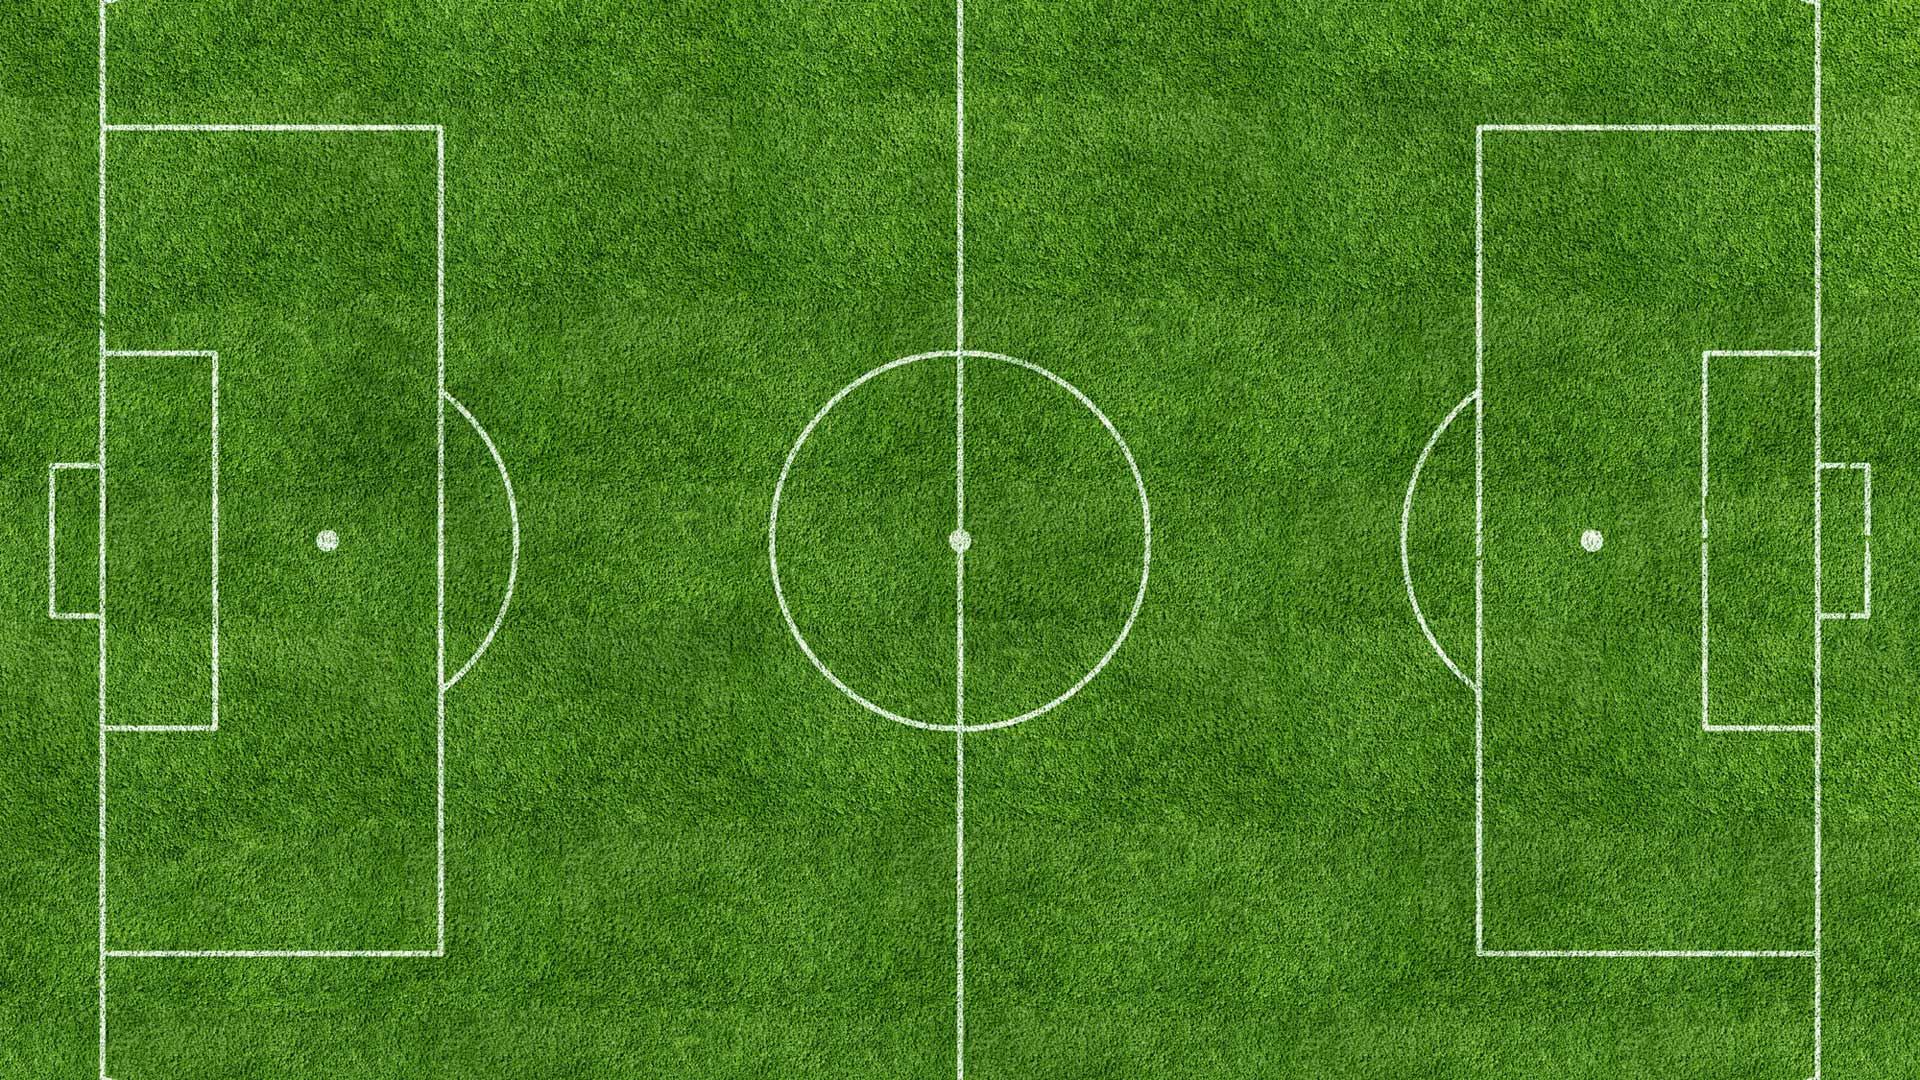 До конца года в Севастополе появятся два футбольных поля с искусственным покрытием